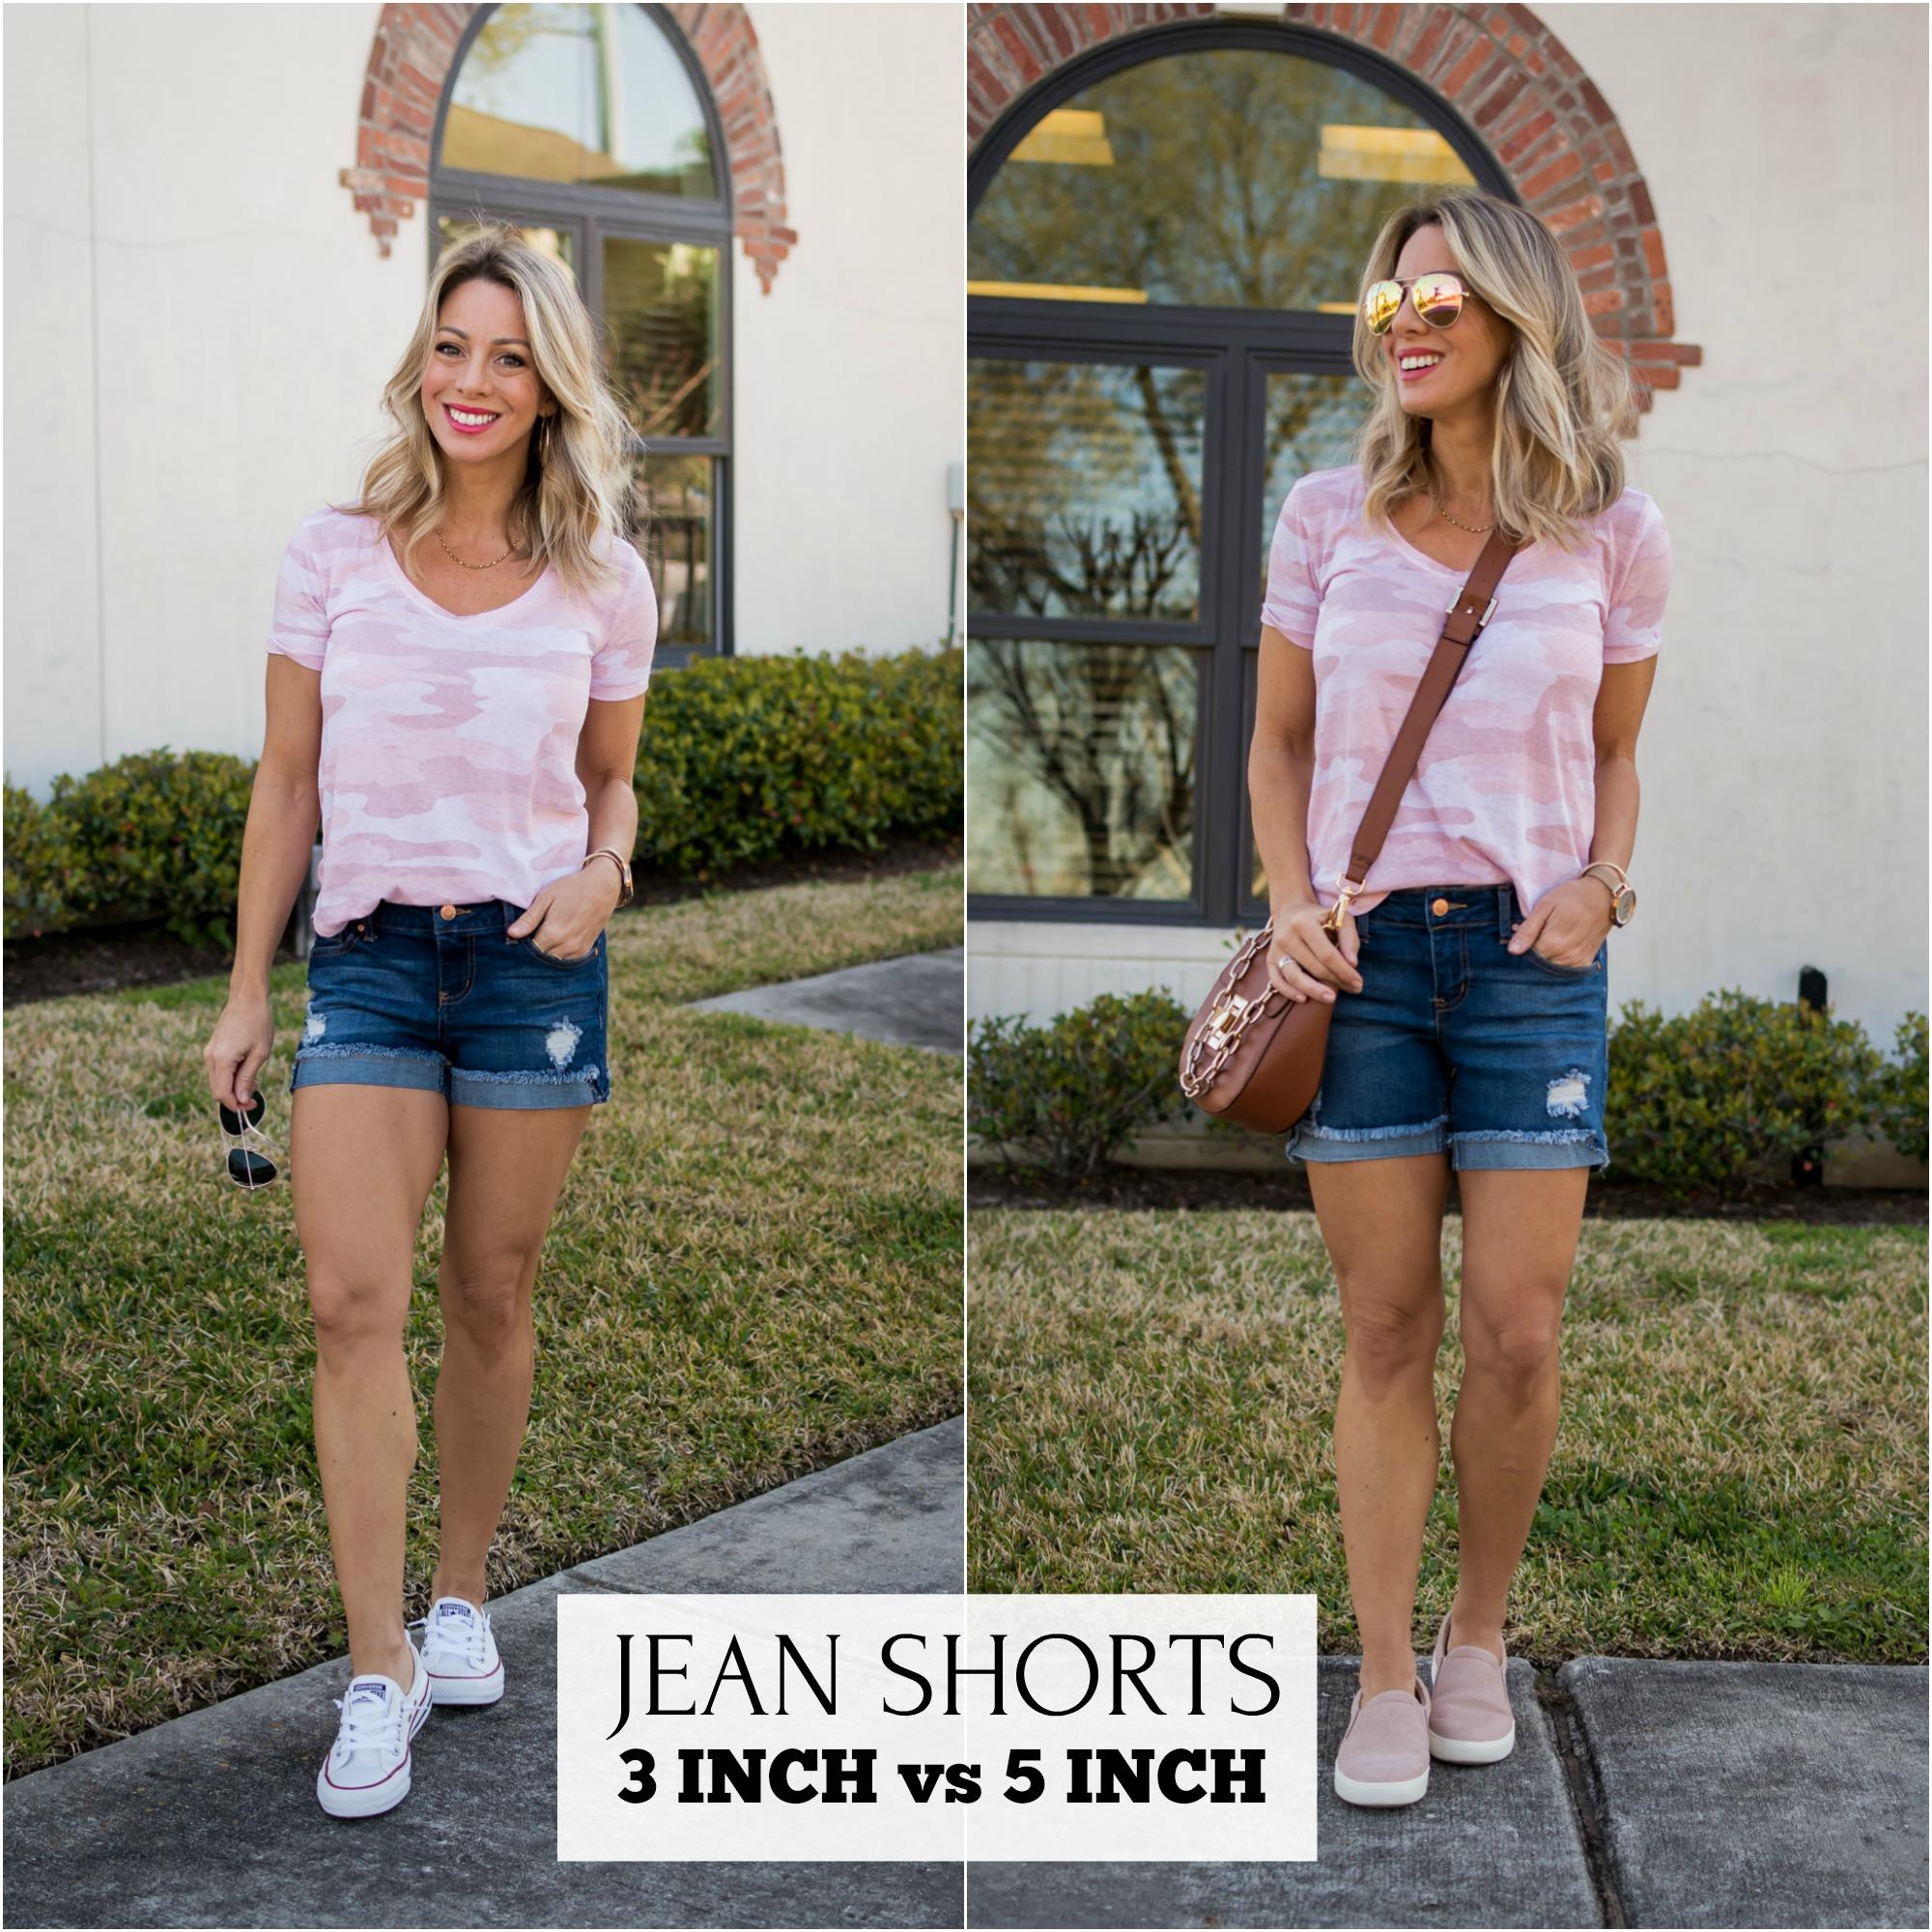 Jean Shorts 3-inch vs 5-inch